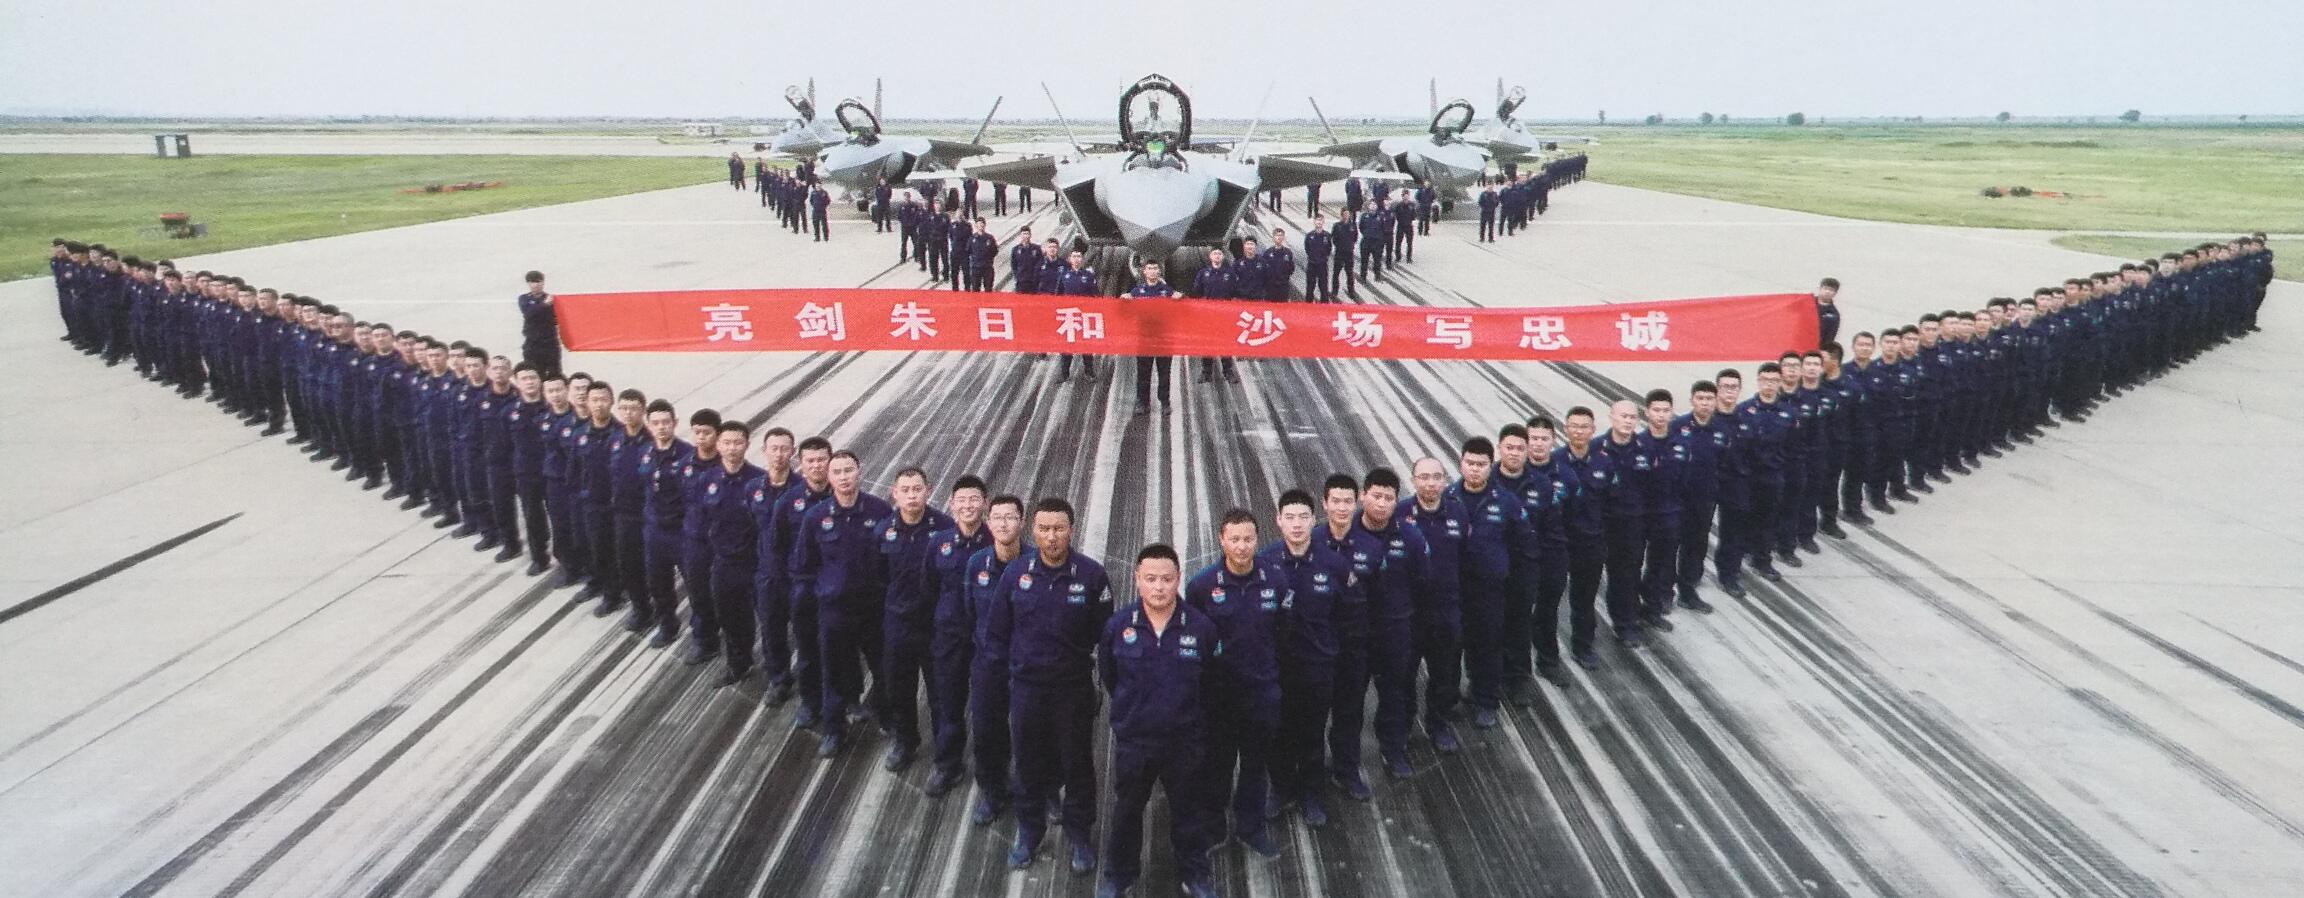 外媒:中国空军装备加速升级 4代机将成为骨干